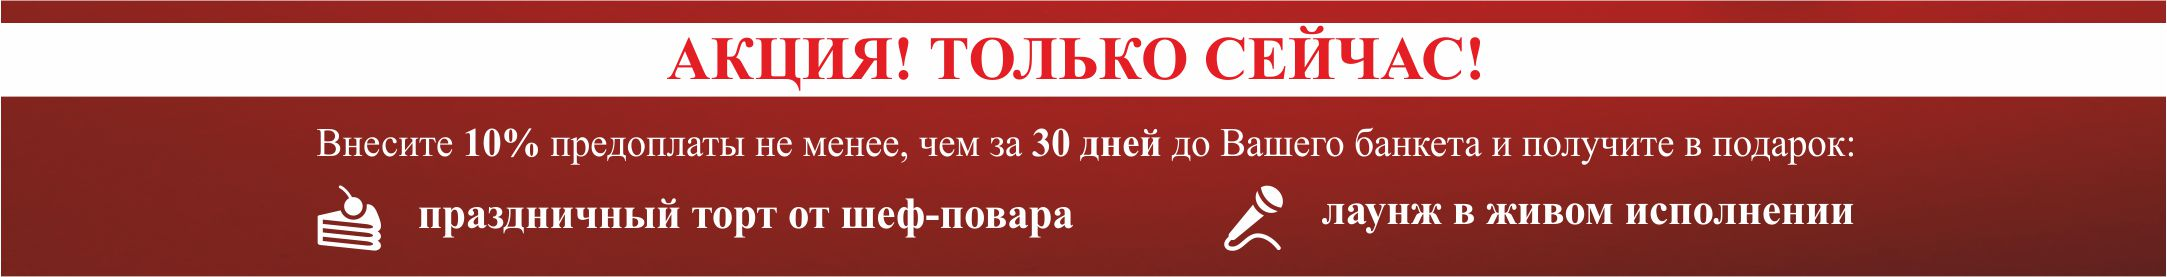 банкеты в январе в Иркутске